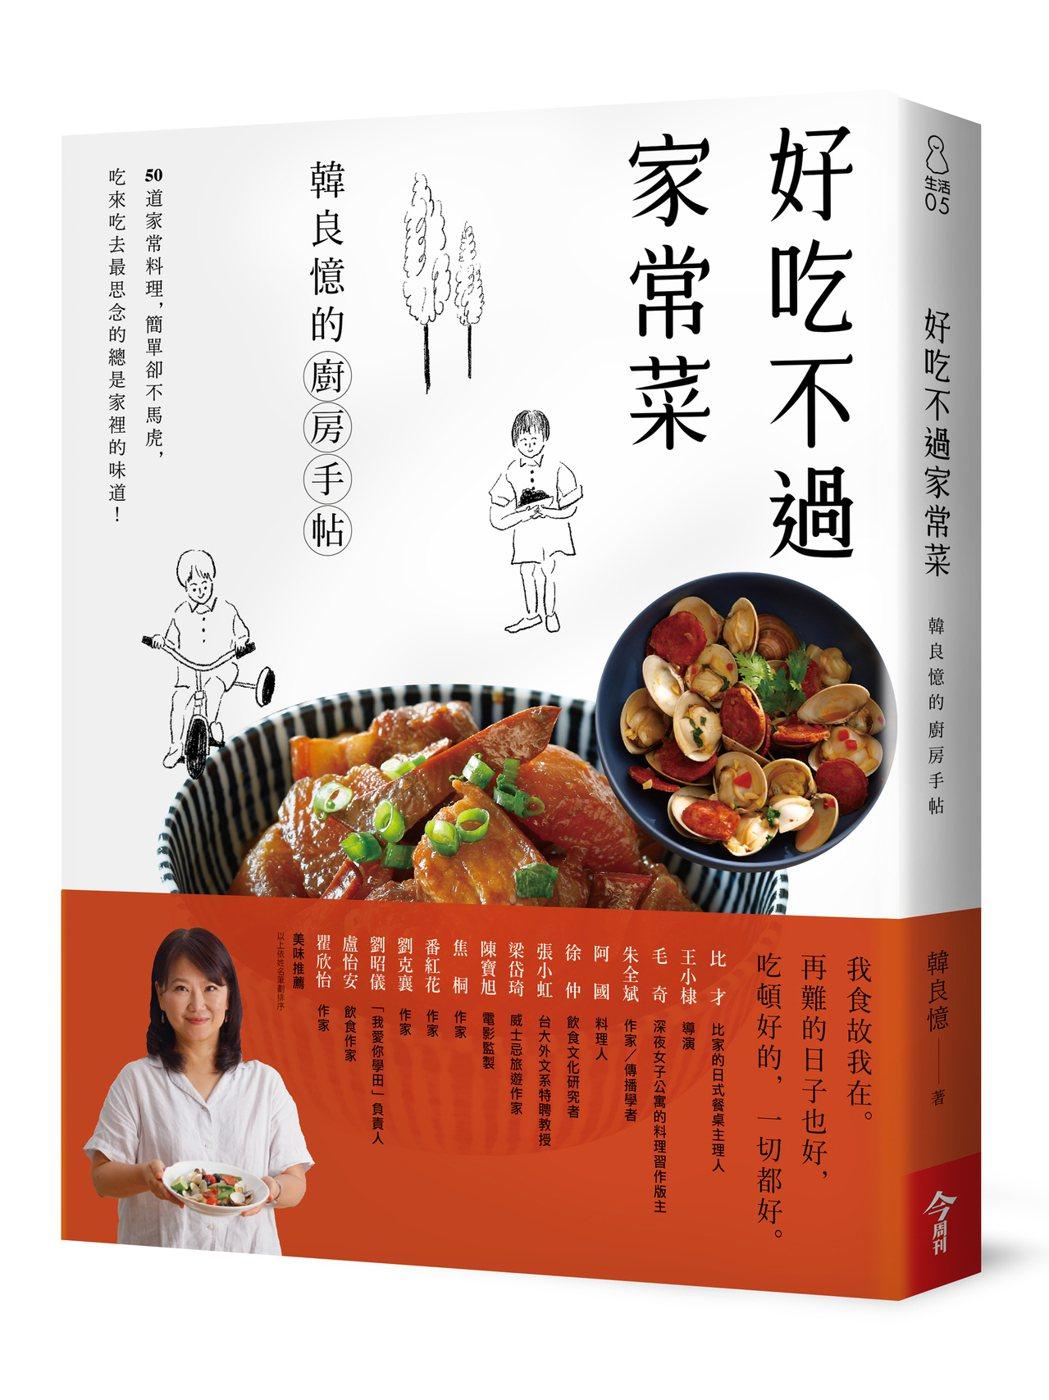 韓良憶欲以新書《好吃不過家常菜》推廣日常之美。圖/今周刊出版社 提供